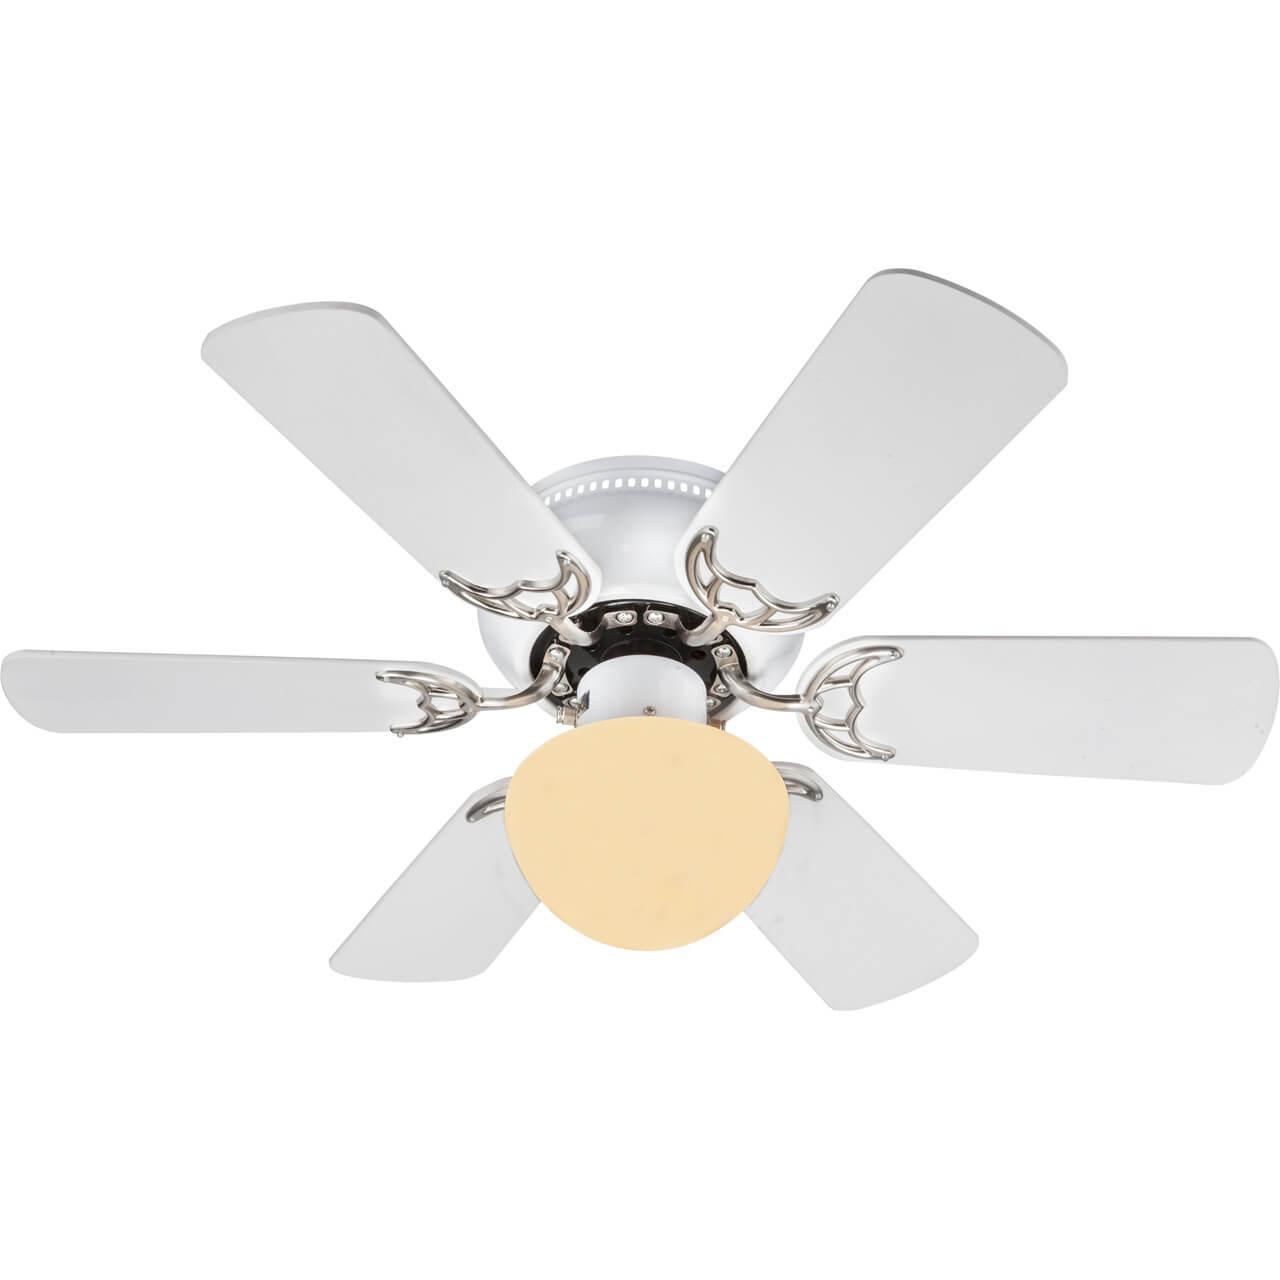 Потолочный светильник Globo 03070, E27, 60 Вт вентилятор люстра globo enigma 0329